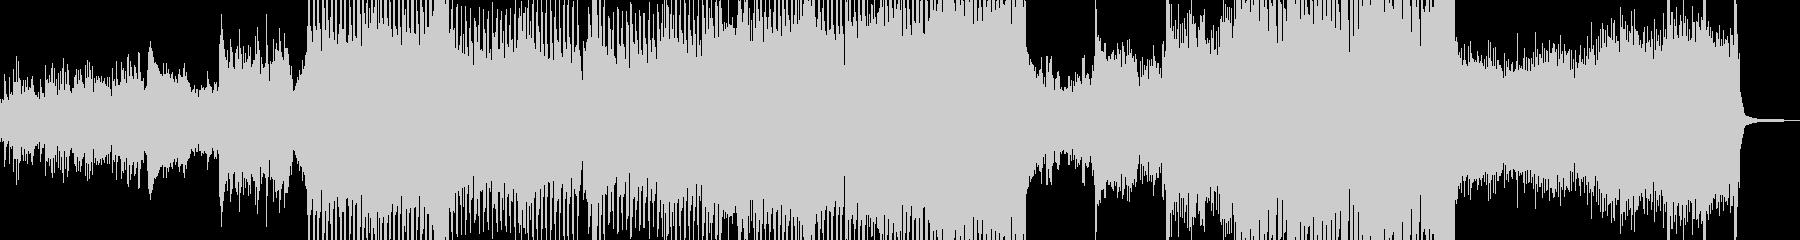 メルヘン・ファンタジックなテクノの未再生の波形